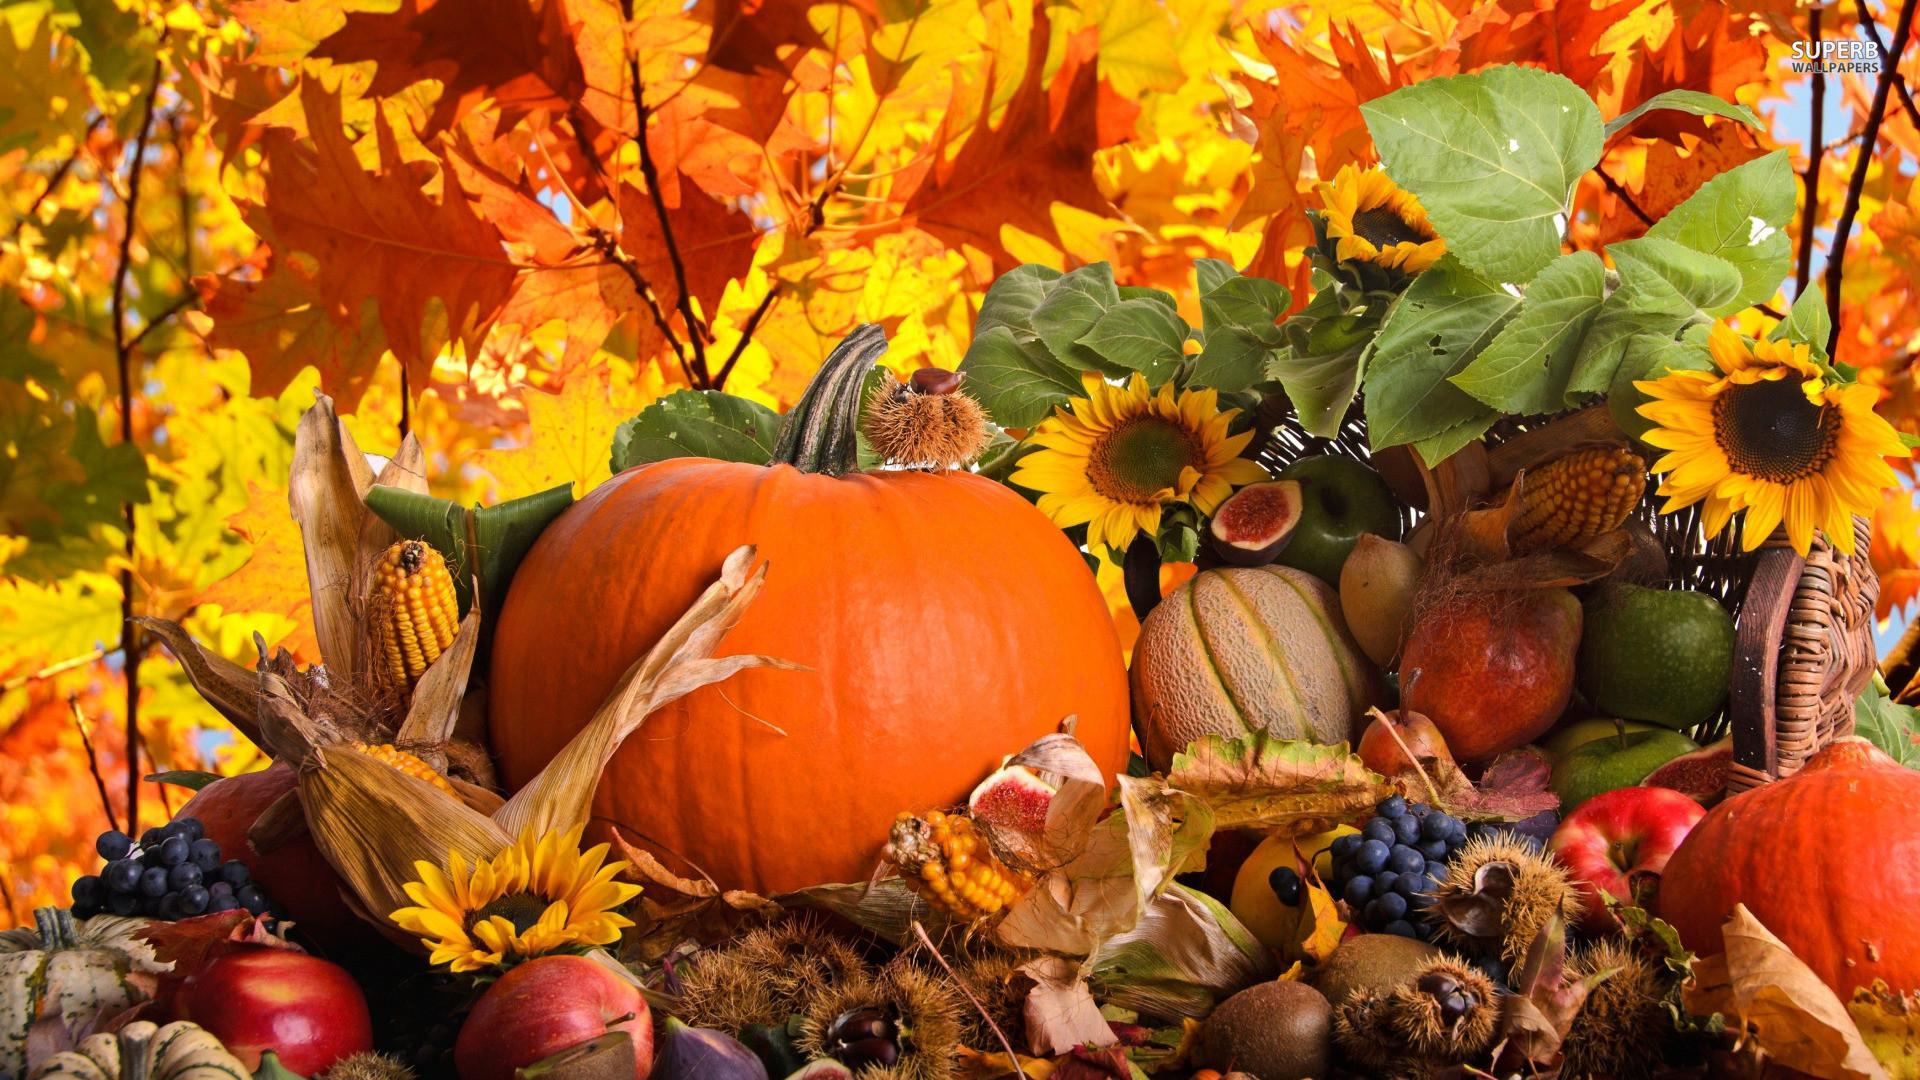 Art autumn wallpaper HD.